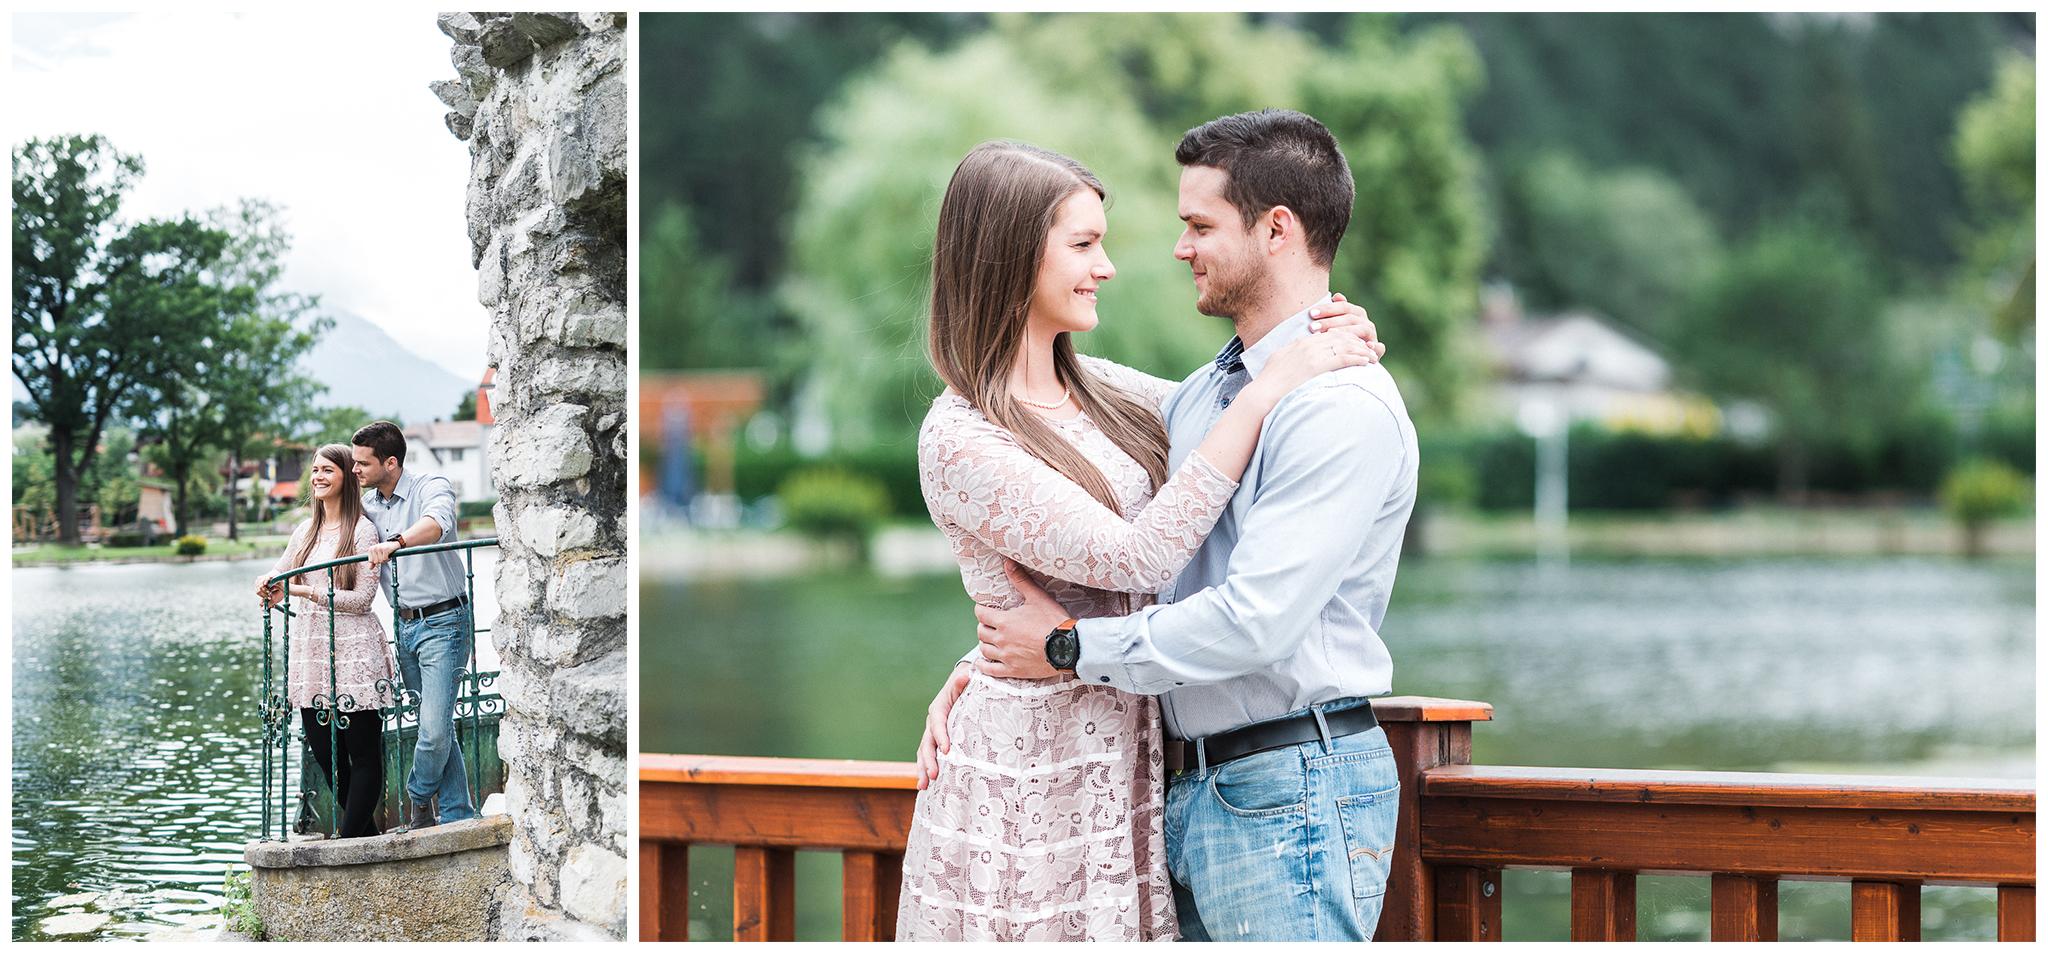 MONT_FylepPhoto, Esküvőfotós Vasmegye, Esküvő fotózás, Esküvői fotós, Körmend, Vas megye, Dunántúl, Budapest, Fülöp Péter, Jegyes fotózás, jegyes, kreatív, kreatívfotózás, Balaton, Ausztira_001.jpg